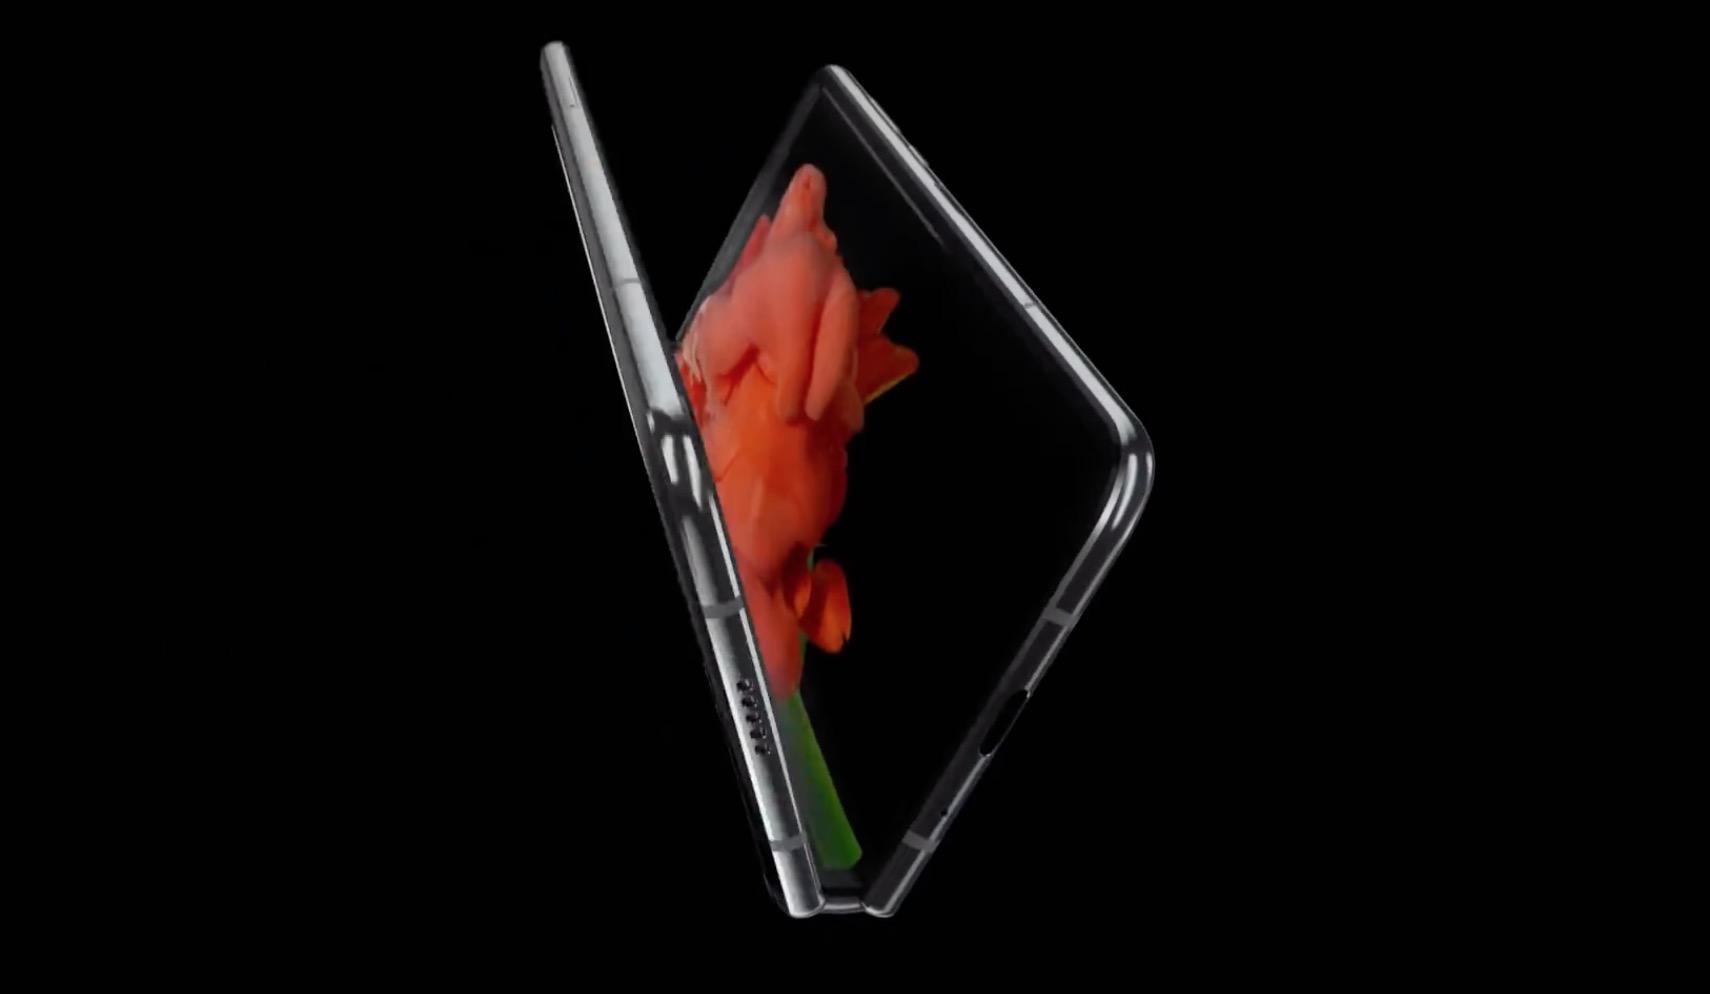 三星:对于折叠屏手机缺陷,将找出一套根本解决方案